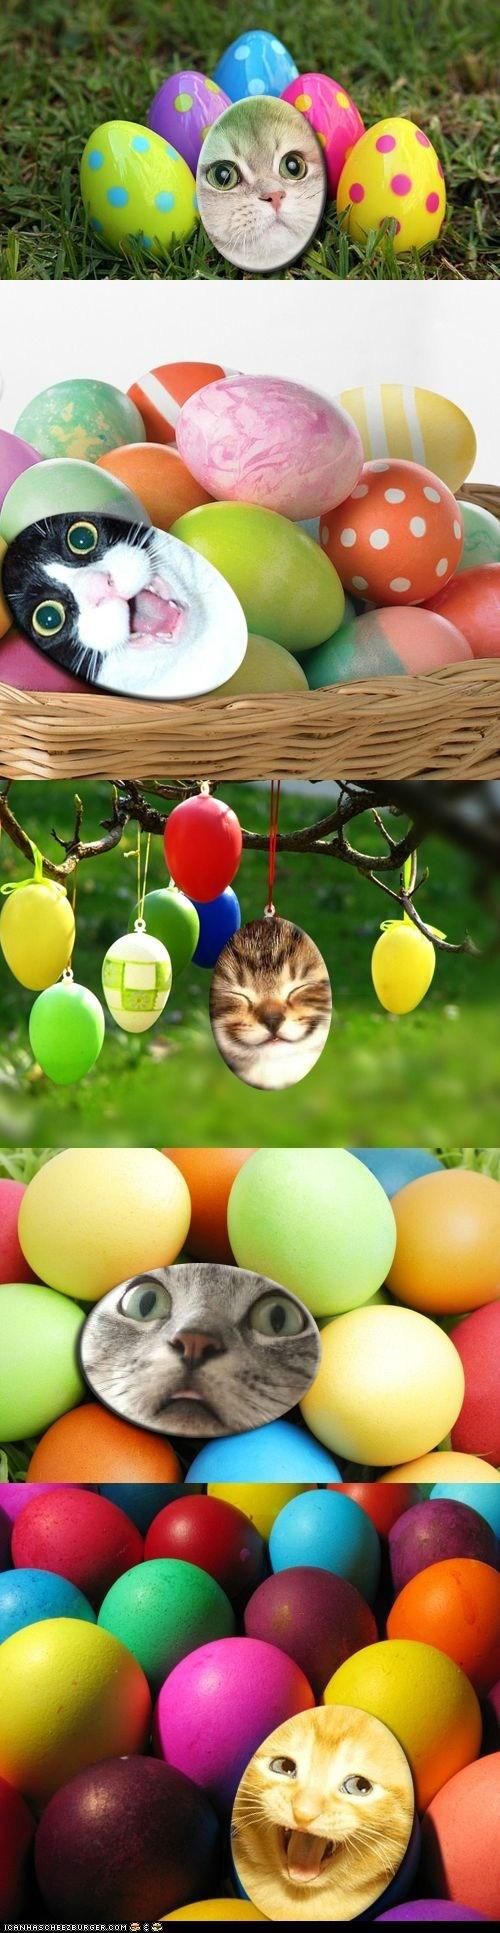 contest easter eggs ichc easter egg hunt winners - 6091009536